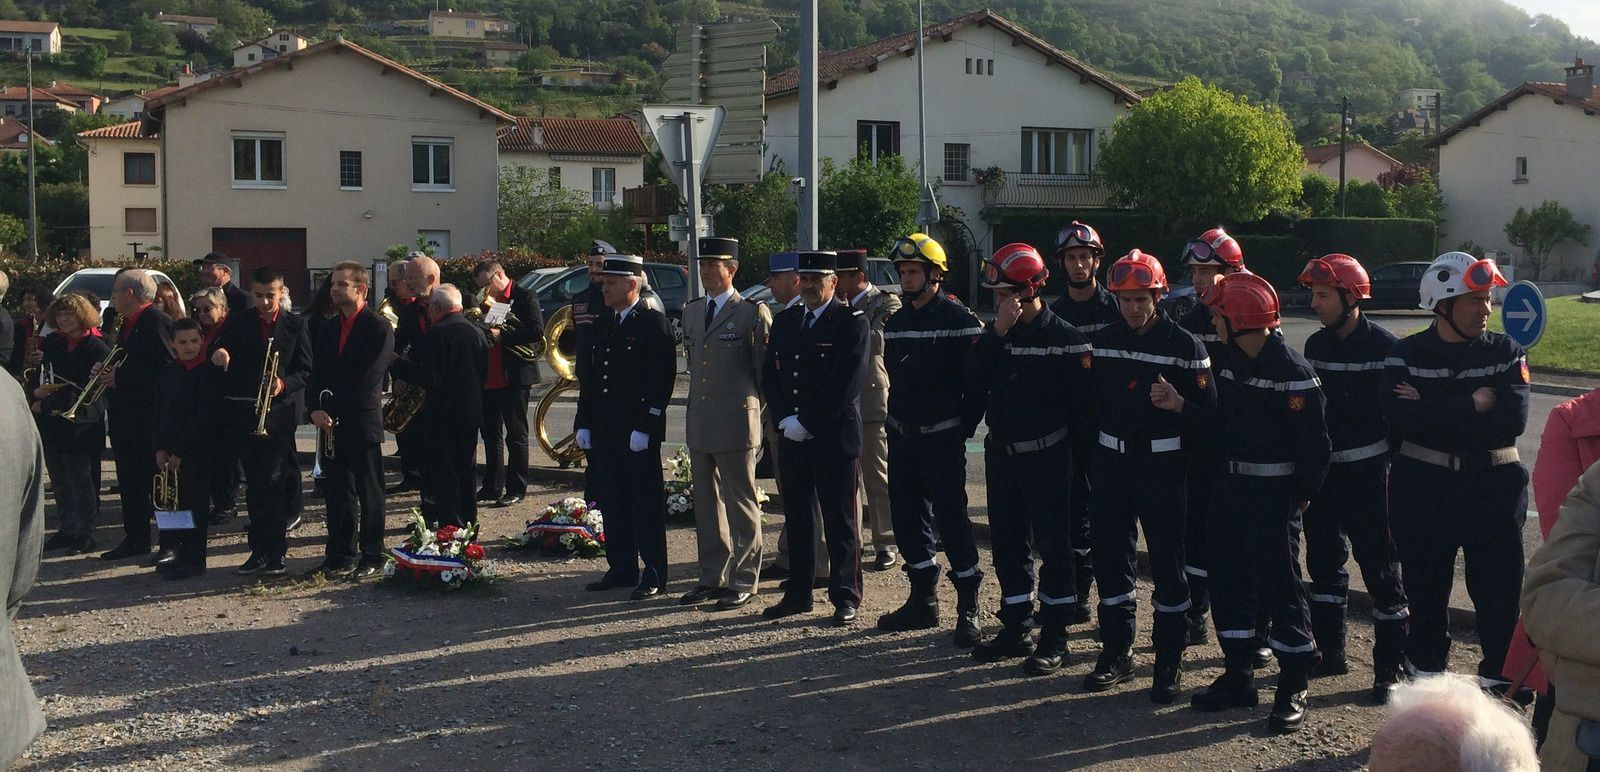 Jean-Marie Mourgues, Arnaud Durand, Clémentine Proenca, Chantal Cotté et Sébastien David, pour l'opposition municipale, étaient présents lors de la cérémonie au monument aux morts, aux côtés des autorités civiles et militaires.